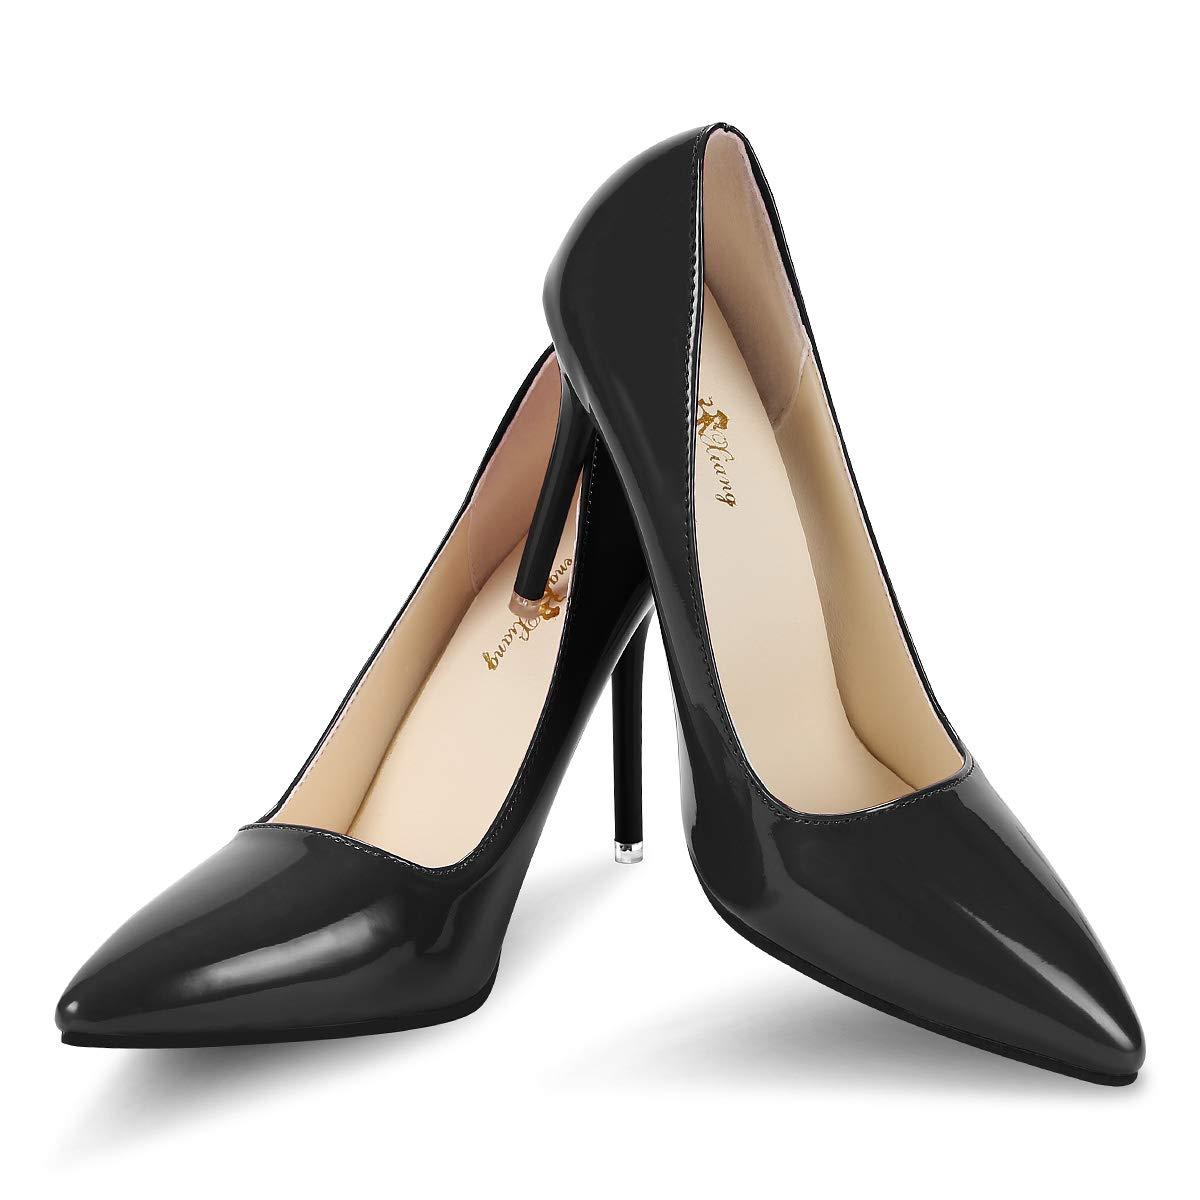 6db803186a3d39 Qimaoo Femme Été Sandales à Talon Carré, Chaussures à Haut Talon de 6cm pour  Mariage Soirée Fête